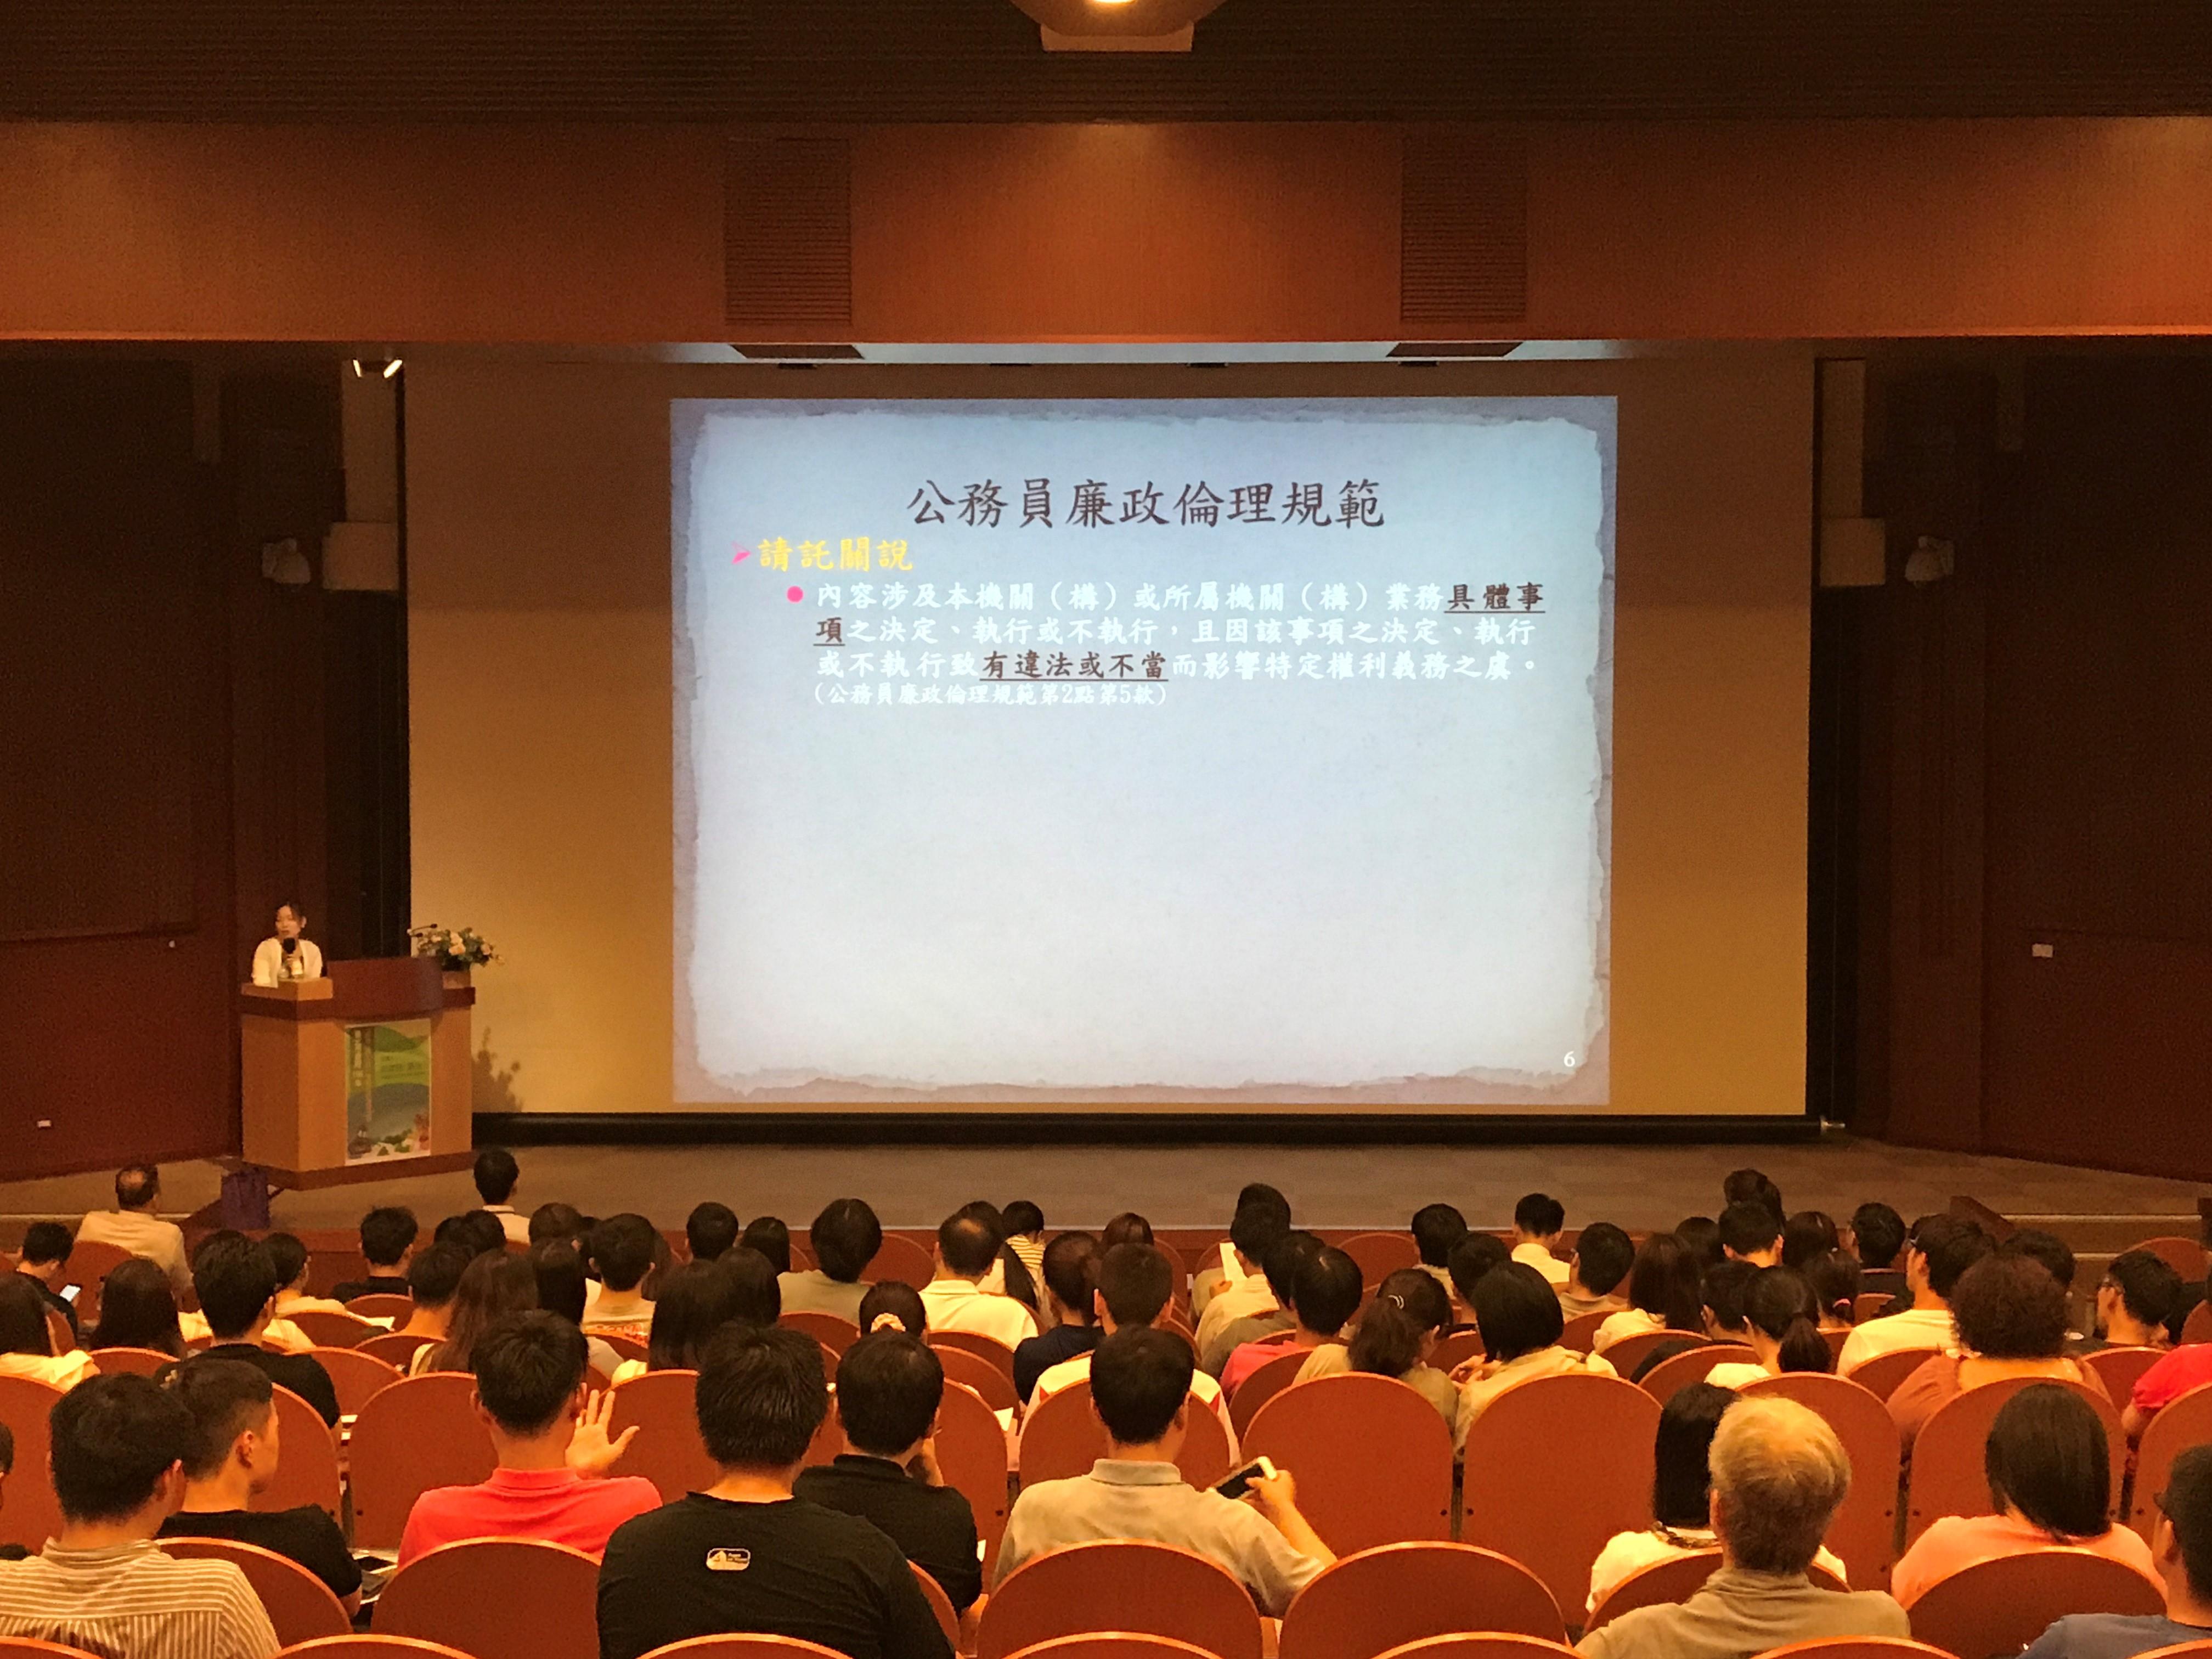 郭建鈺檢察官以豐富之辦案經驗,講授公務員廉政倫理規範、公務員常見行政責任、刑事責任等主題。